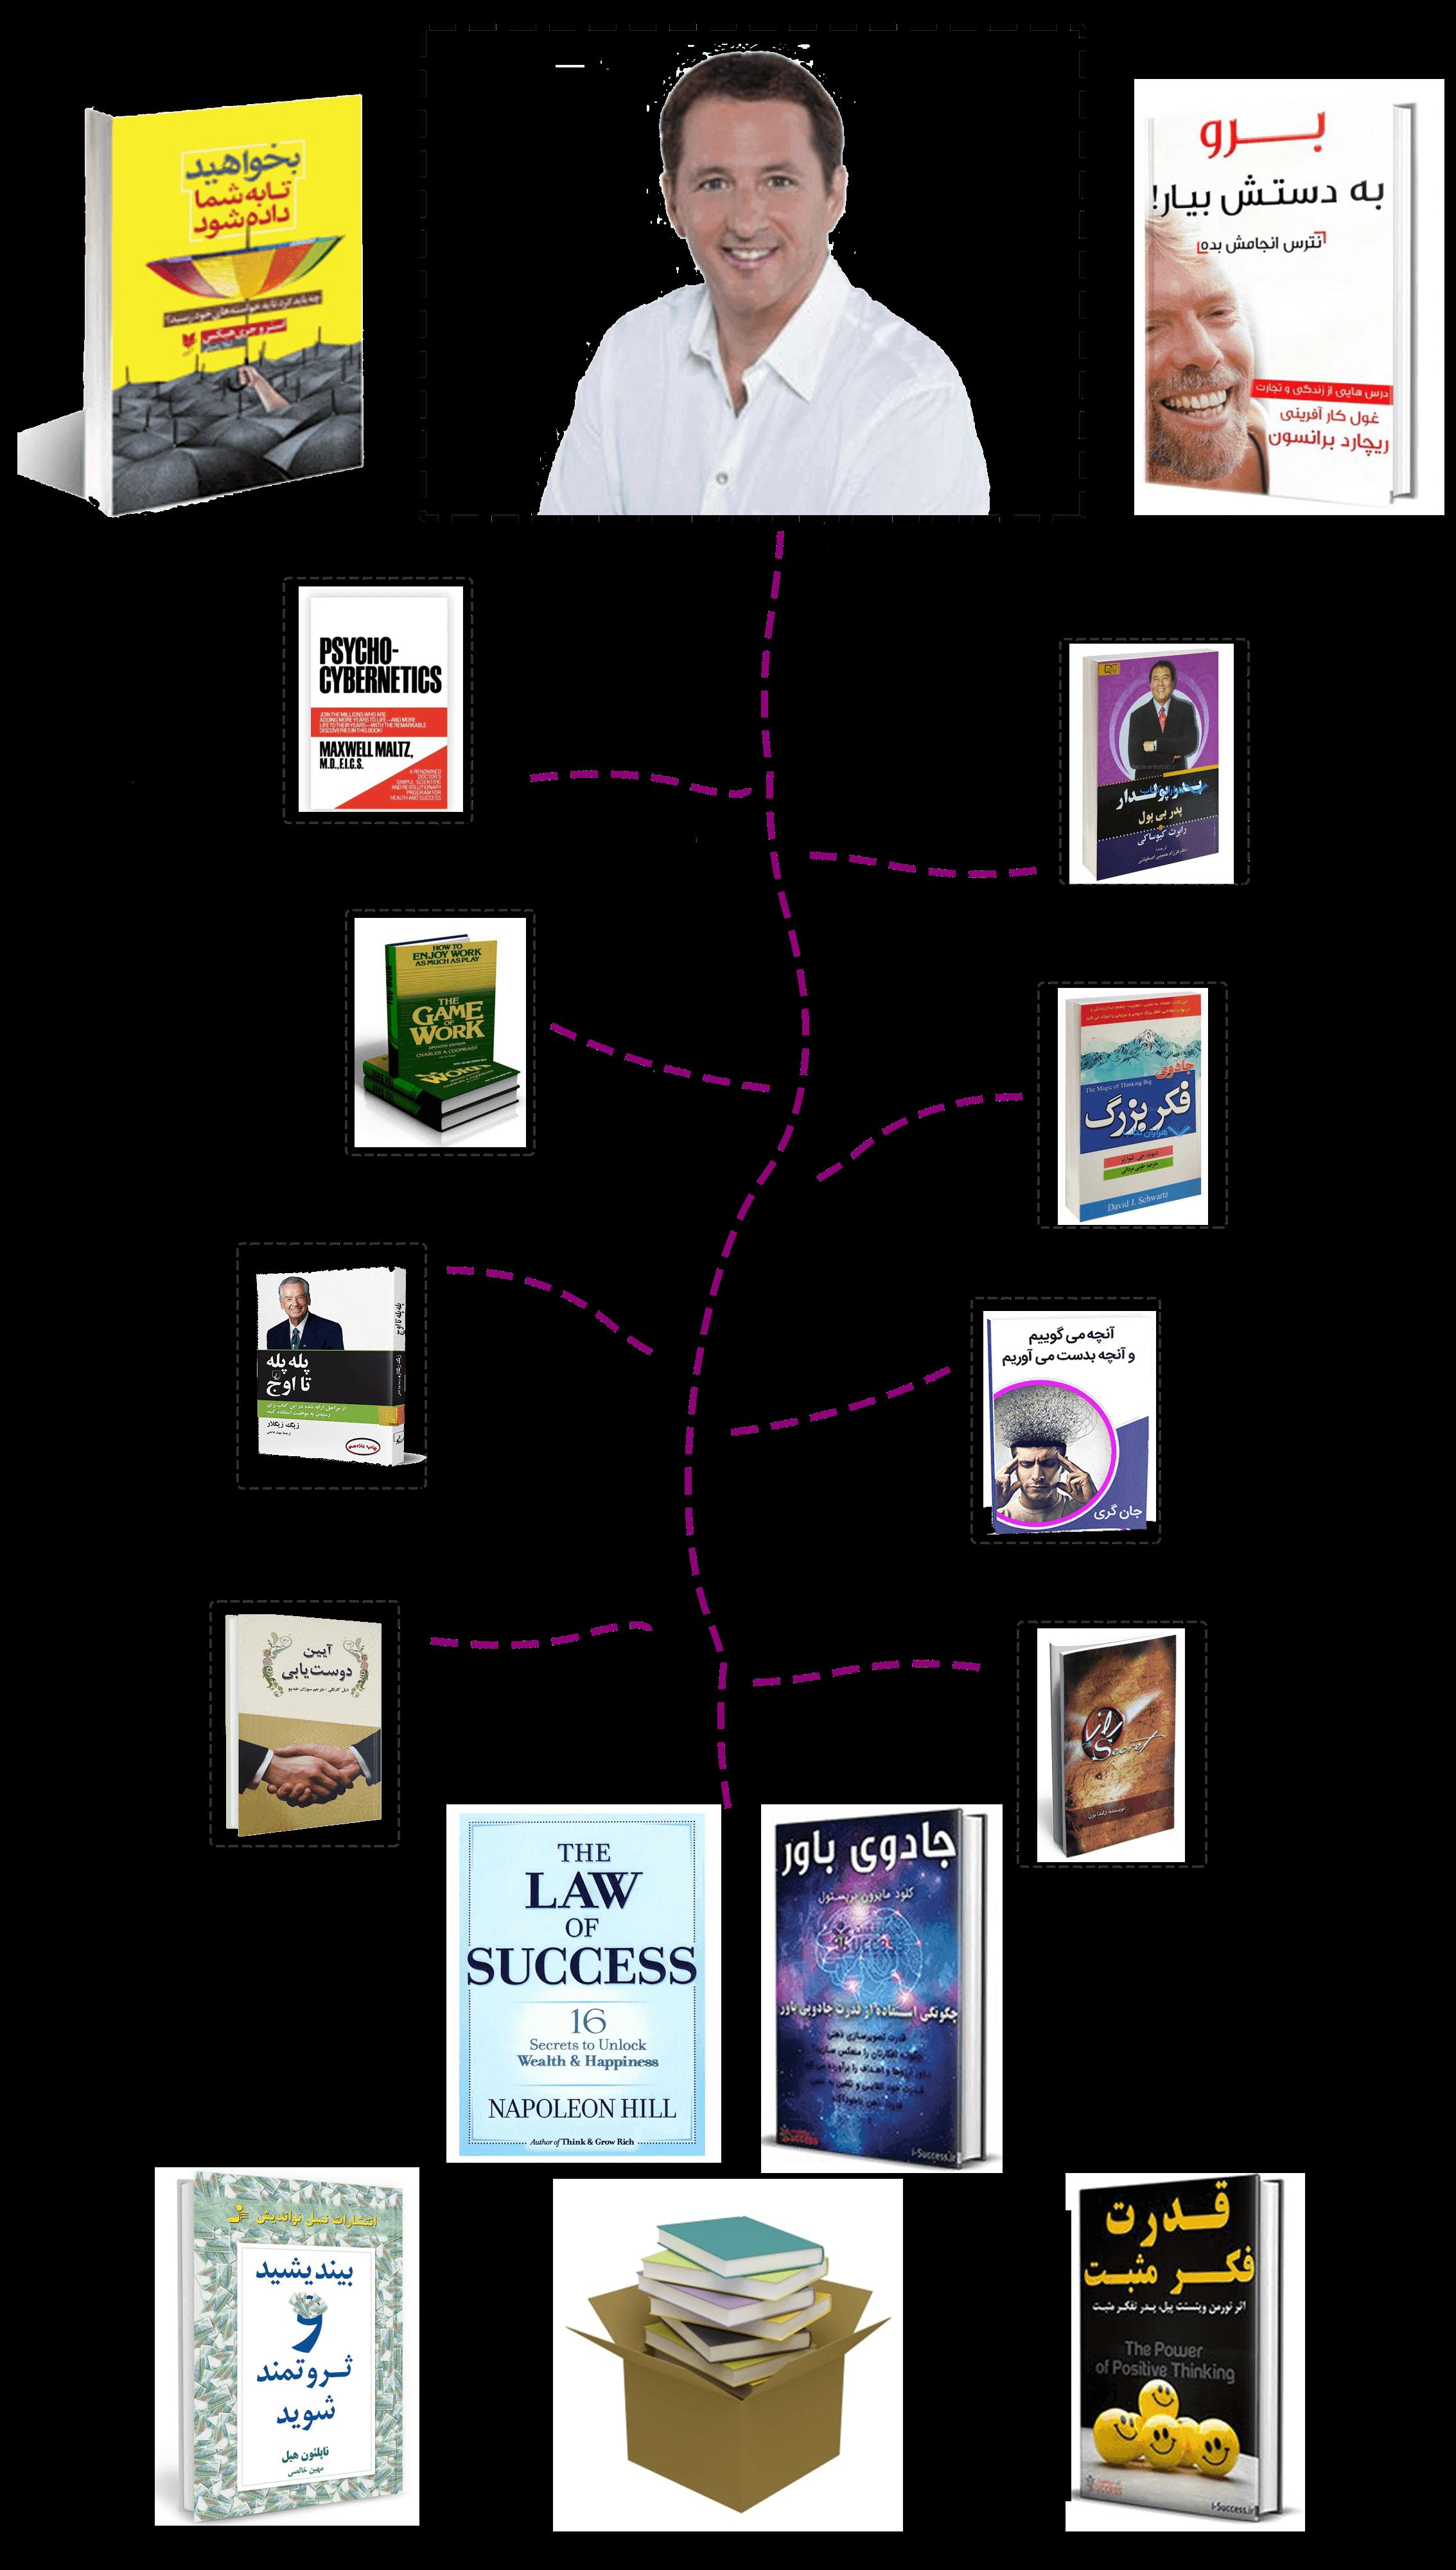 ۱۴ کتاب پیشنهادی کوین ترودو